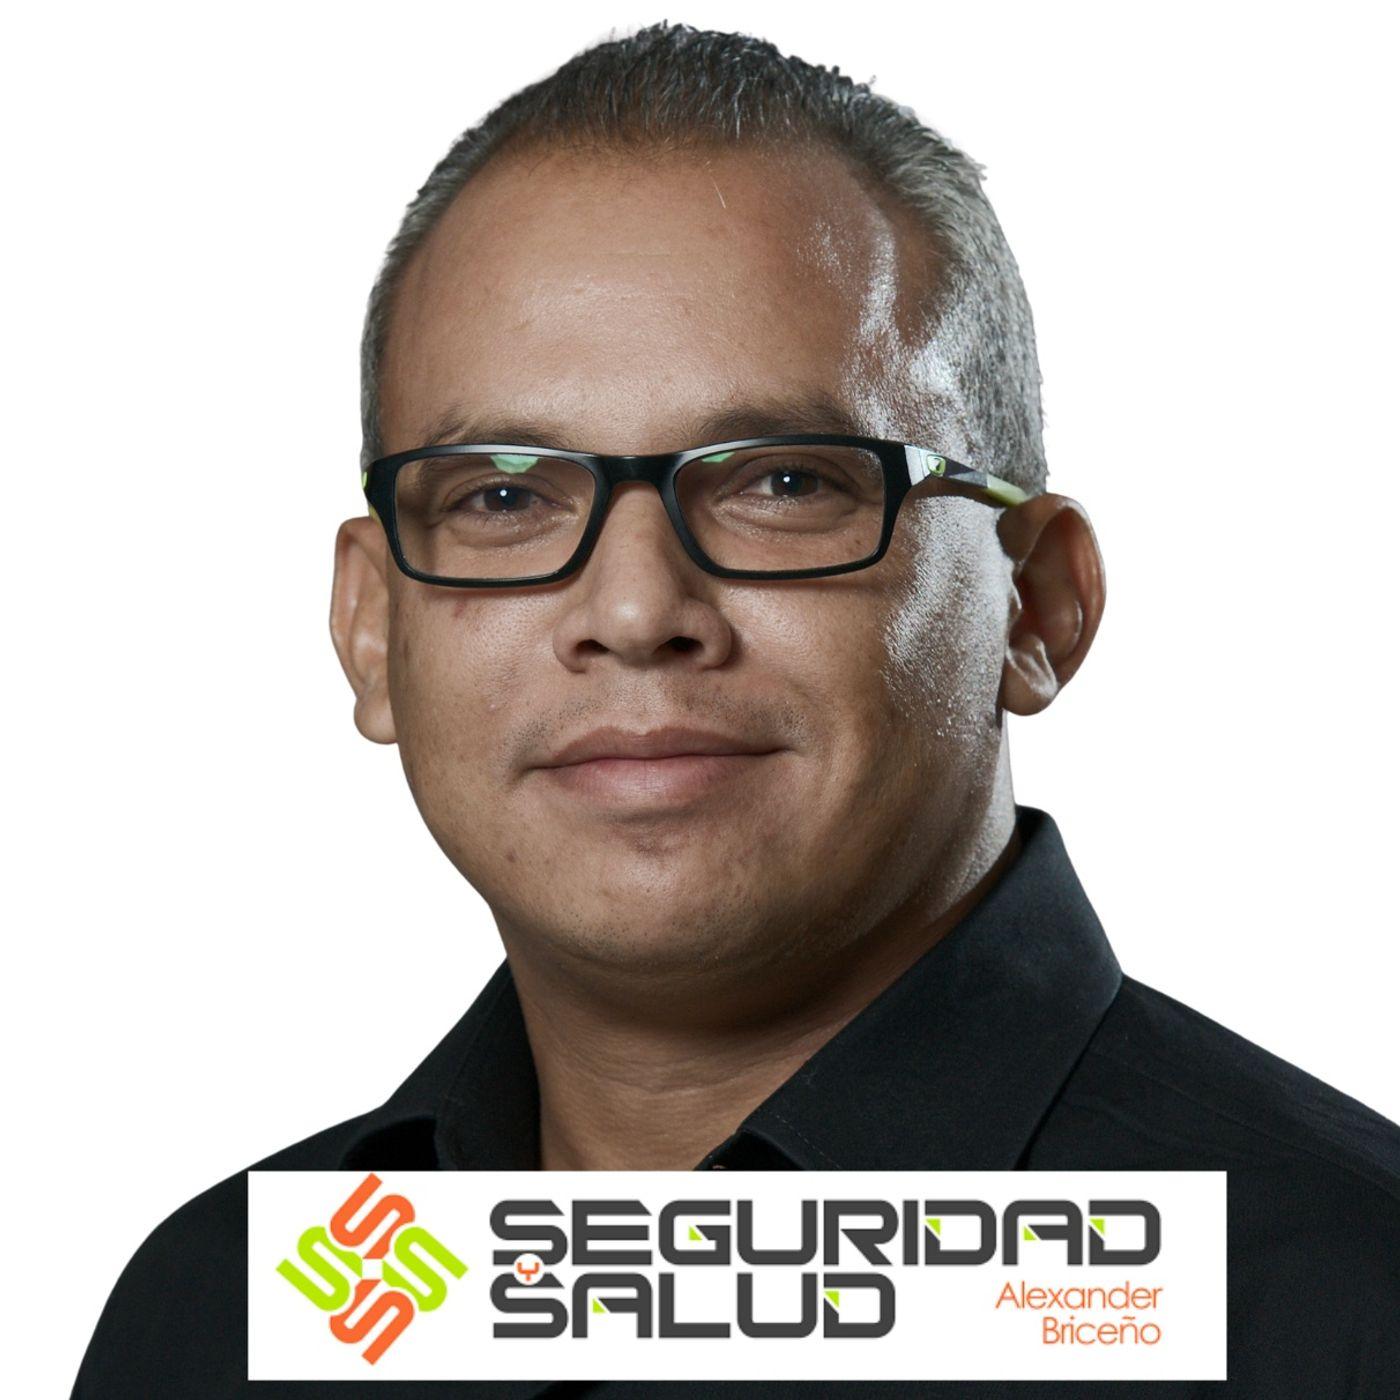 12 años de seguridadysalud.org